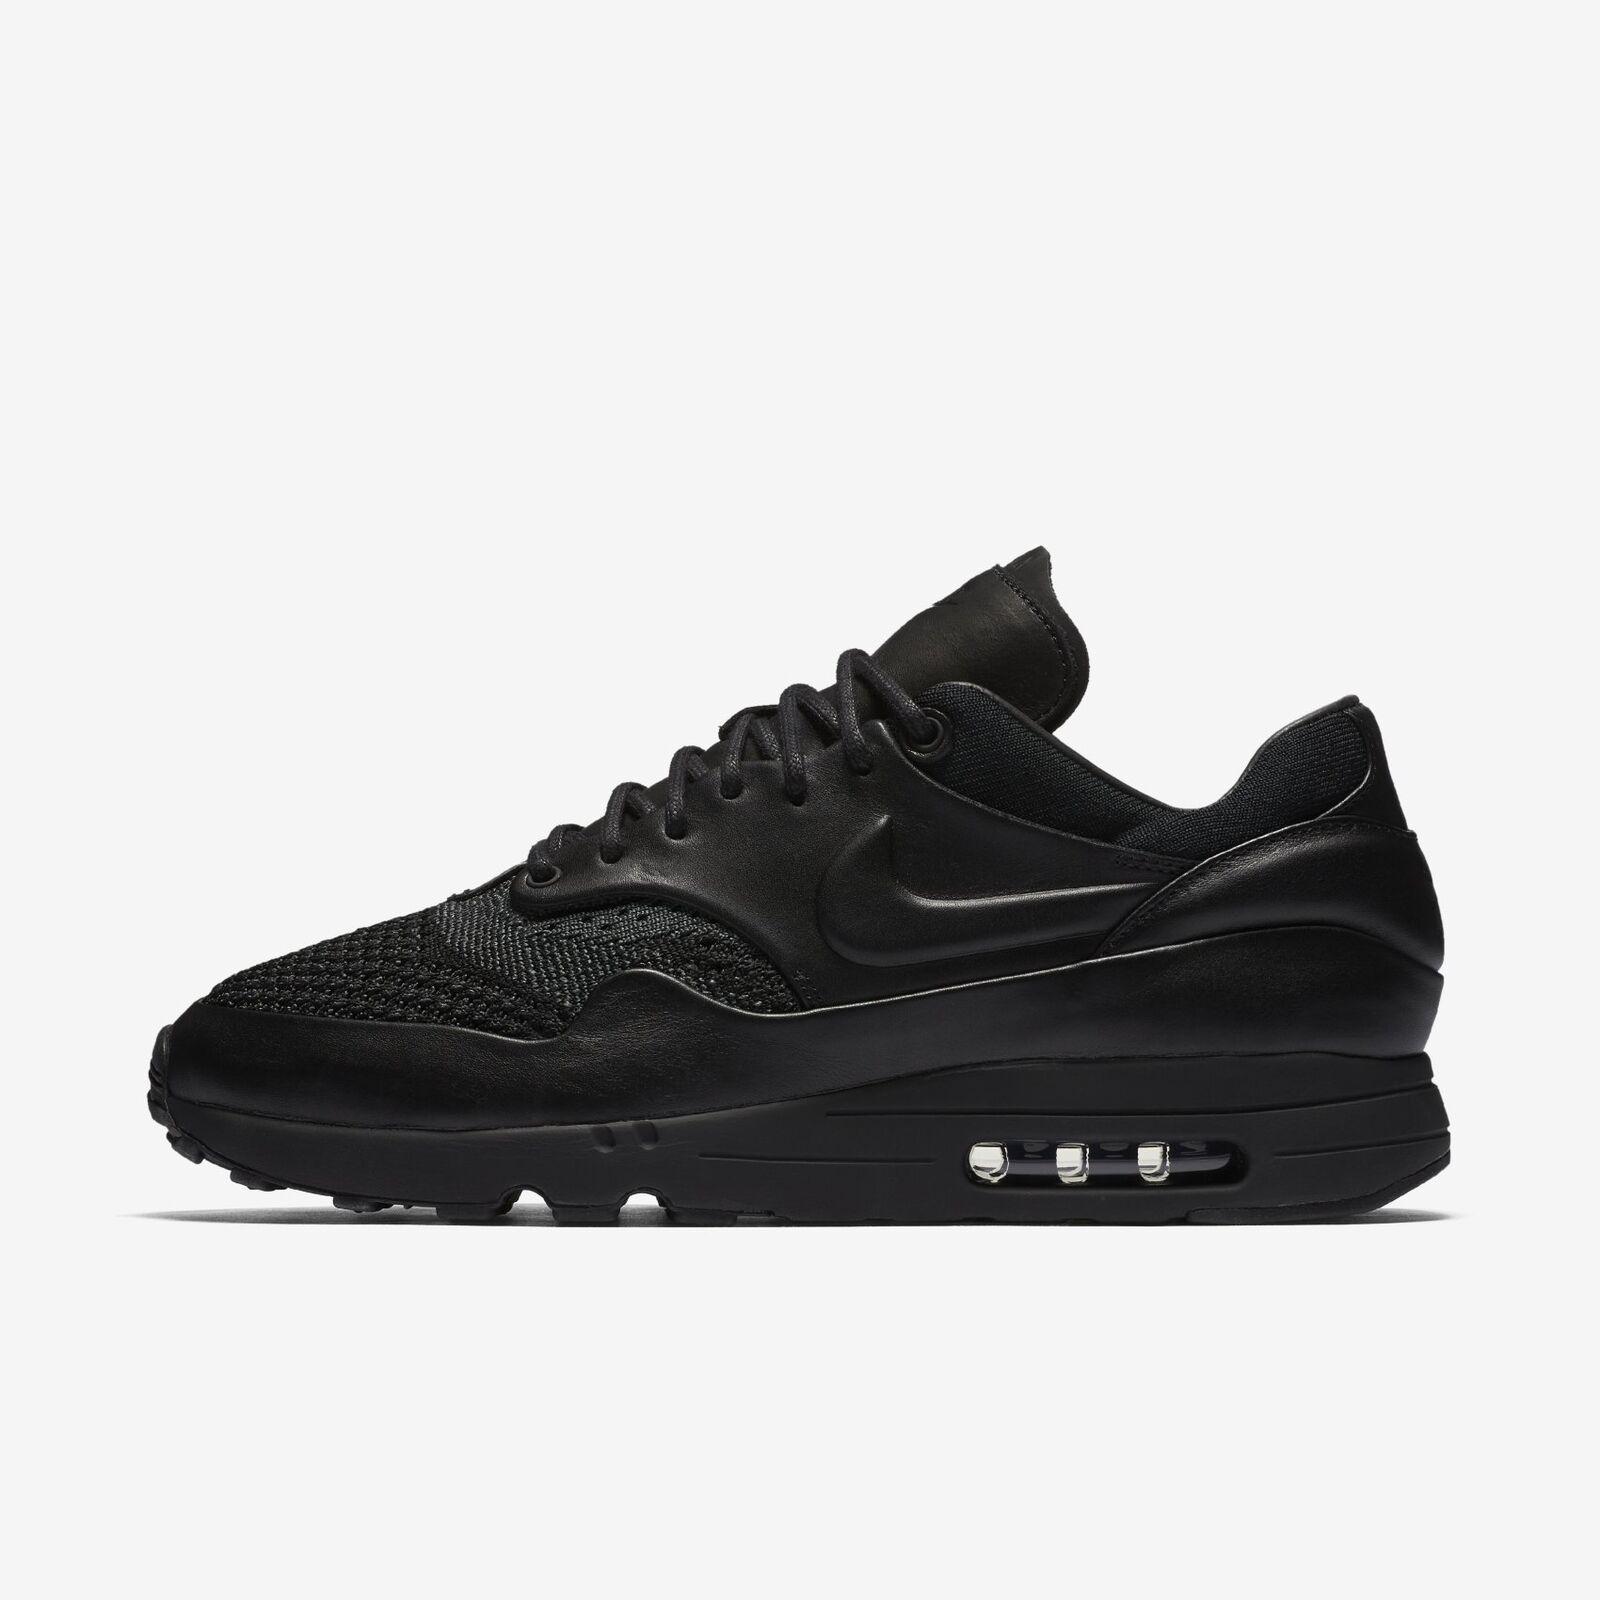 Nike air max 1 uomini flyknit royal scarpe neri antracite dimensioni 923005 001